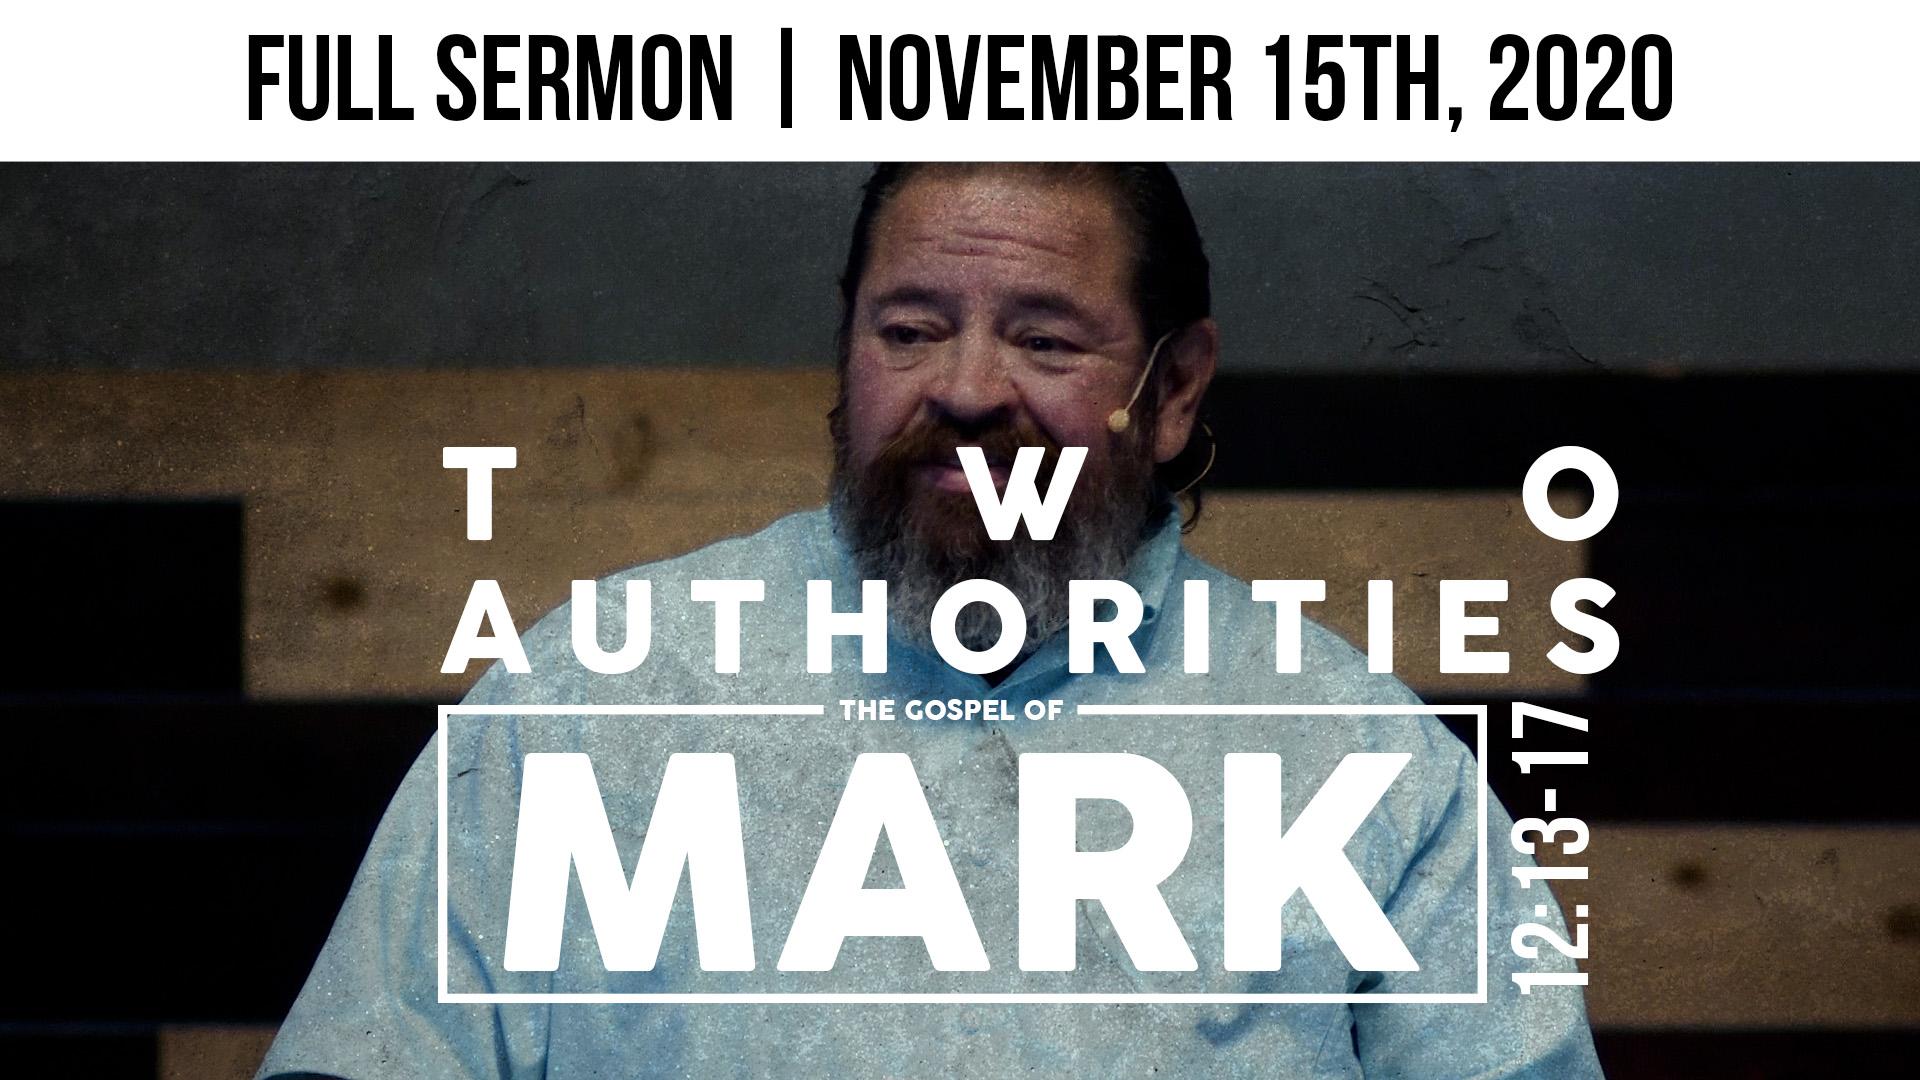 Two Authorities | Mark 12:13-17 Image